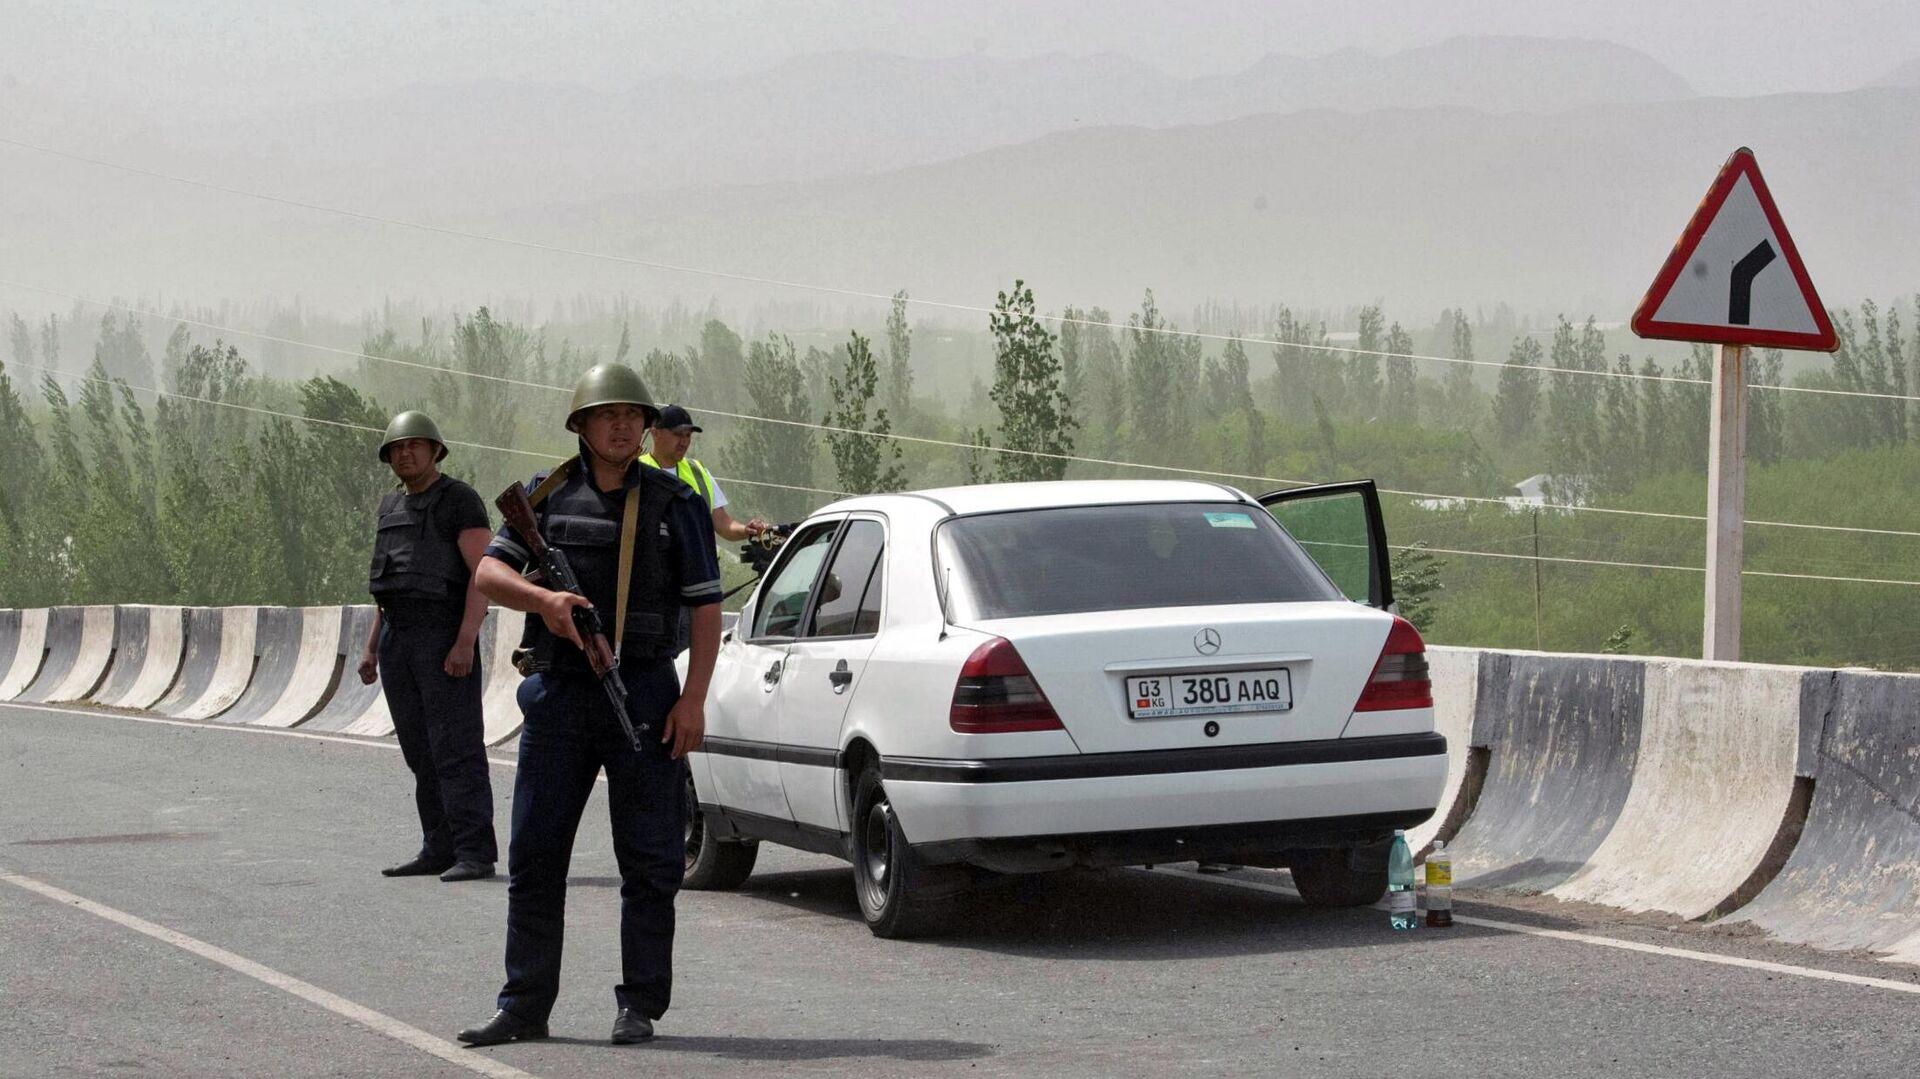 Военнослужащие и сотрудники полиции Киргизии в районе села Кок-Таш - РИА Новости, 1920, 01.05.2021